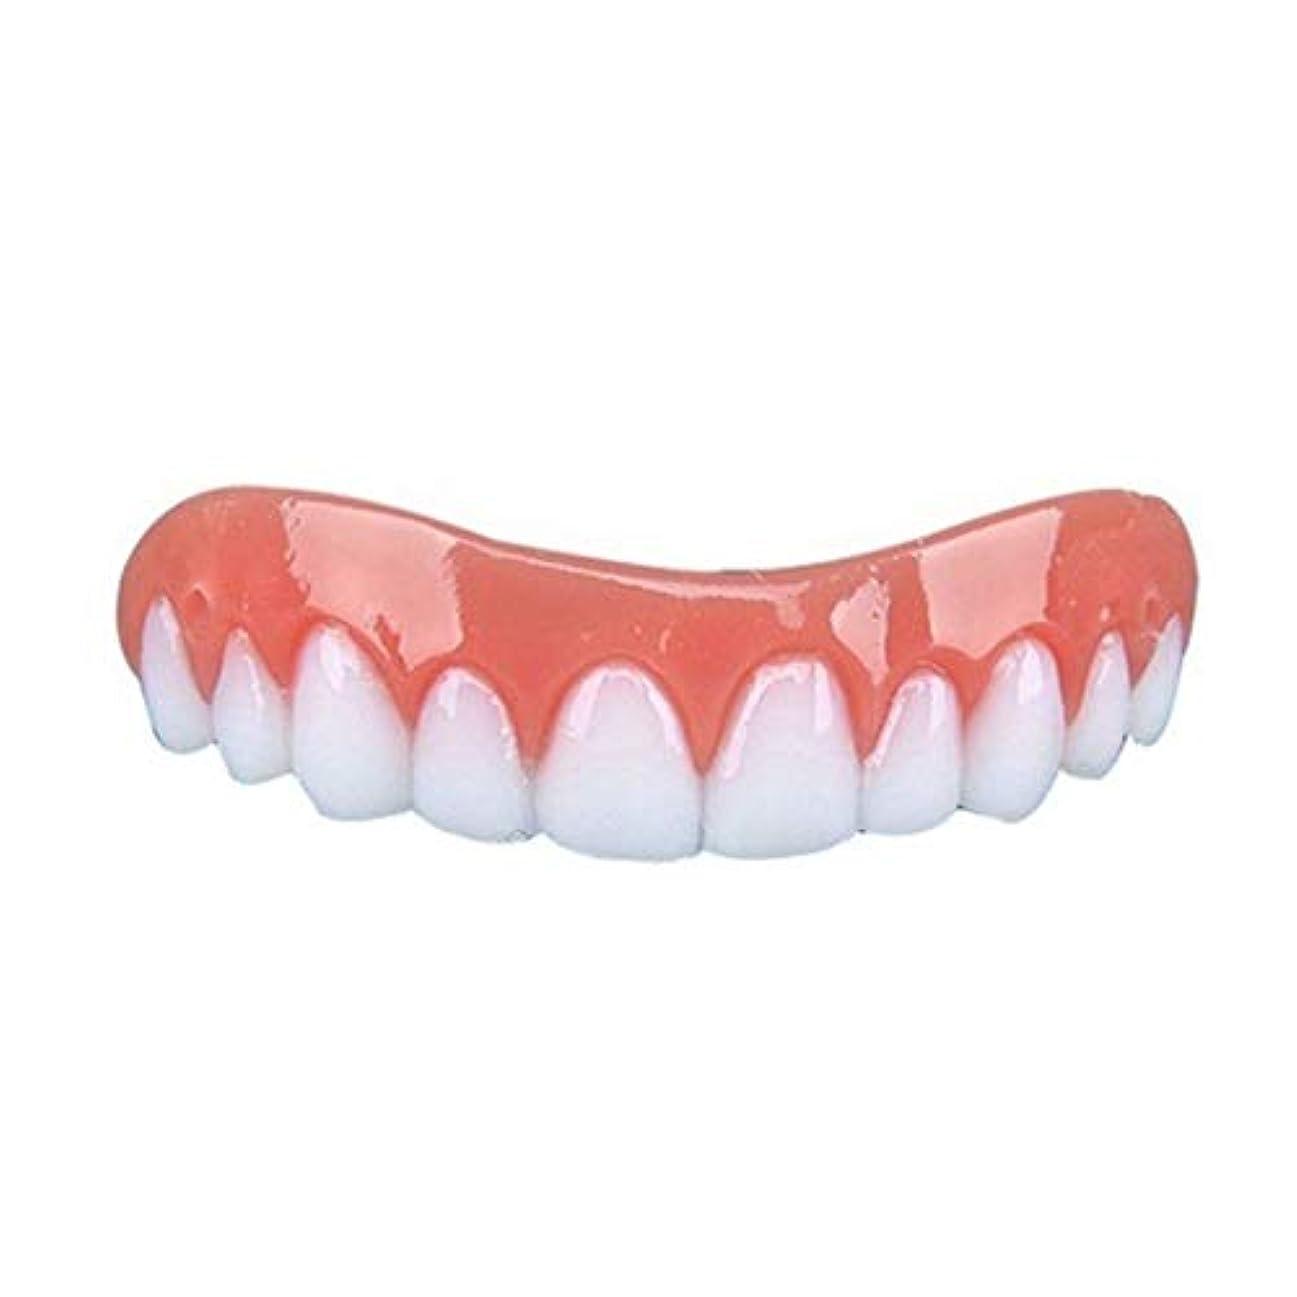 滑る市区町村虫を数えるBartram 歯カバー シリコン義歯ペースト 上歯 笑顔を保つ 歯保護 美容用 入れ歯 矯正義歯